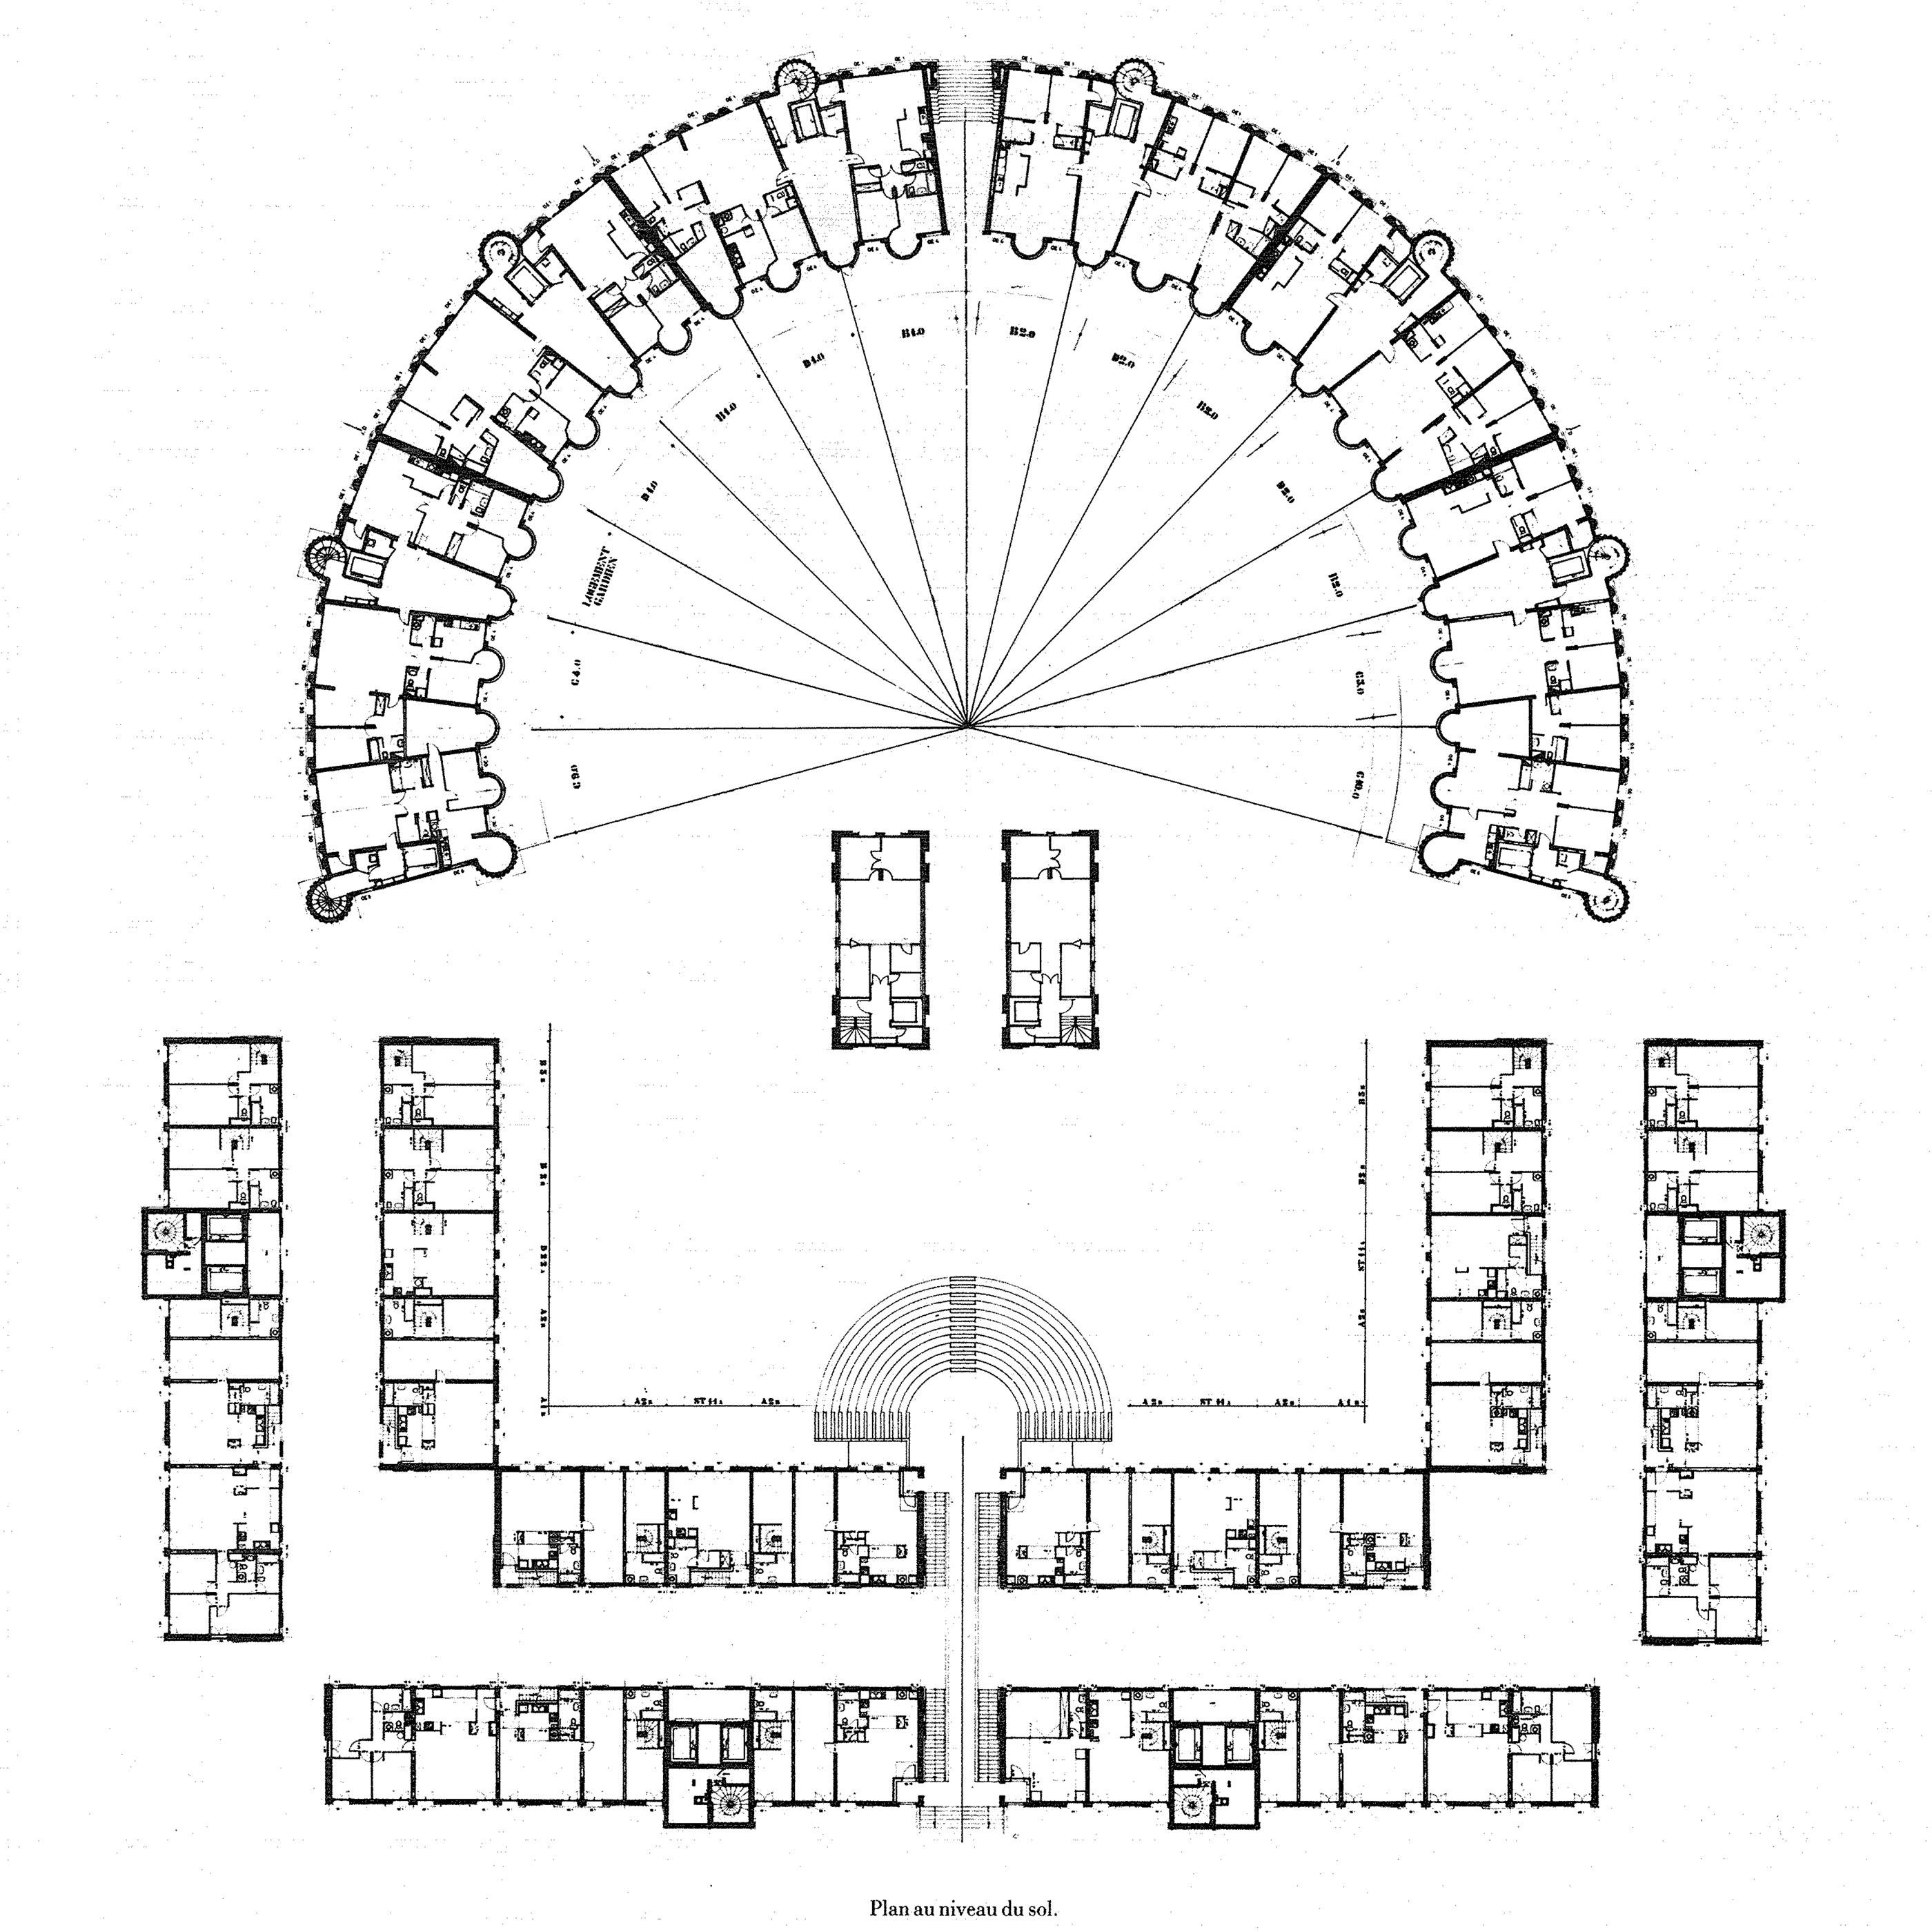 Espaces abraxas noisy le grand 22 misfits 39 architecture for Architecture noisy le grand